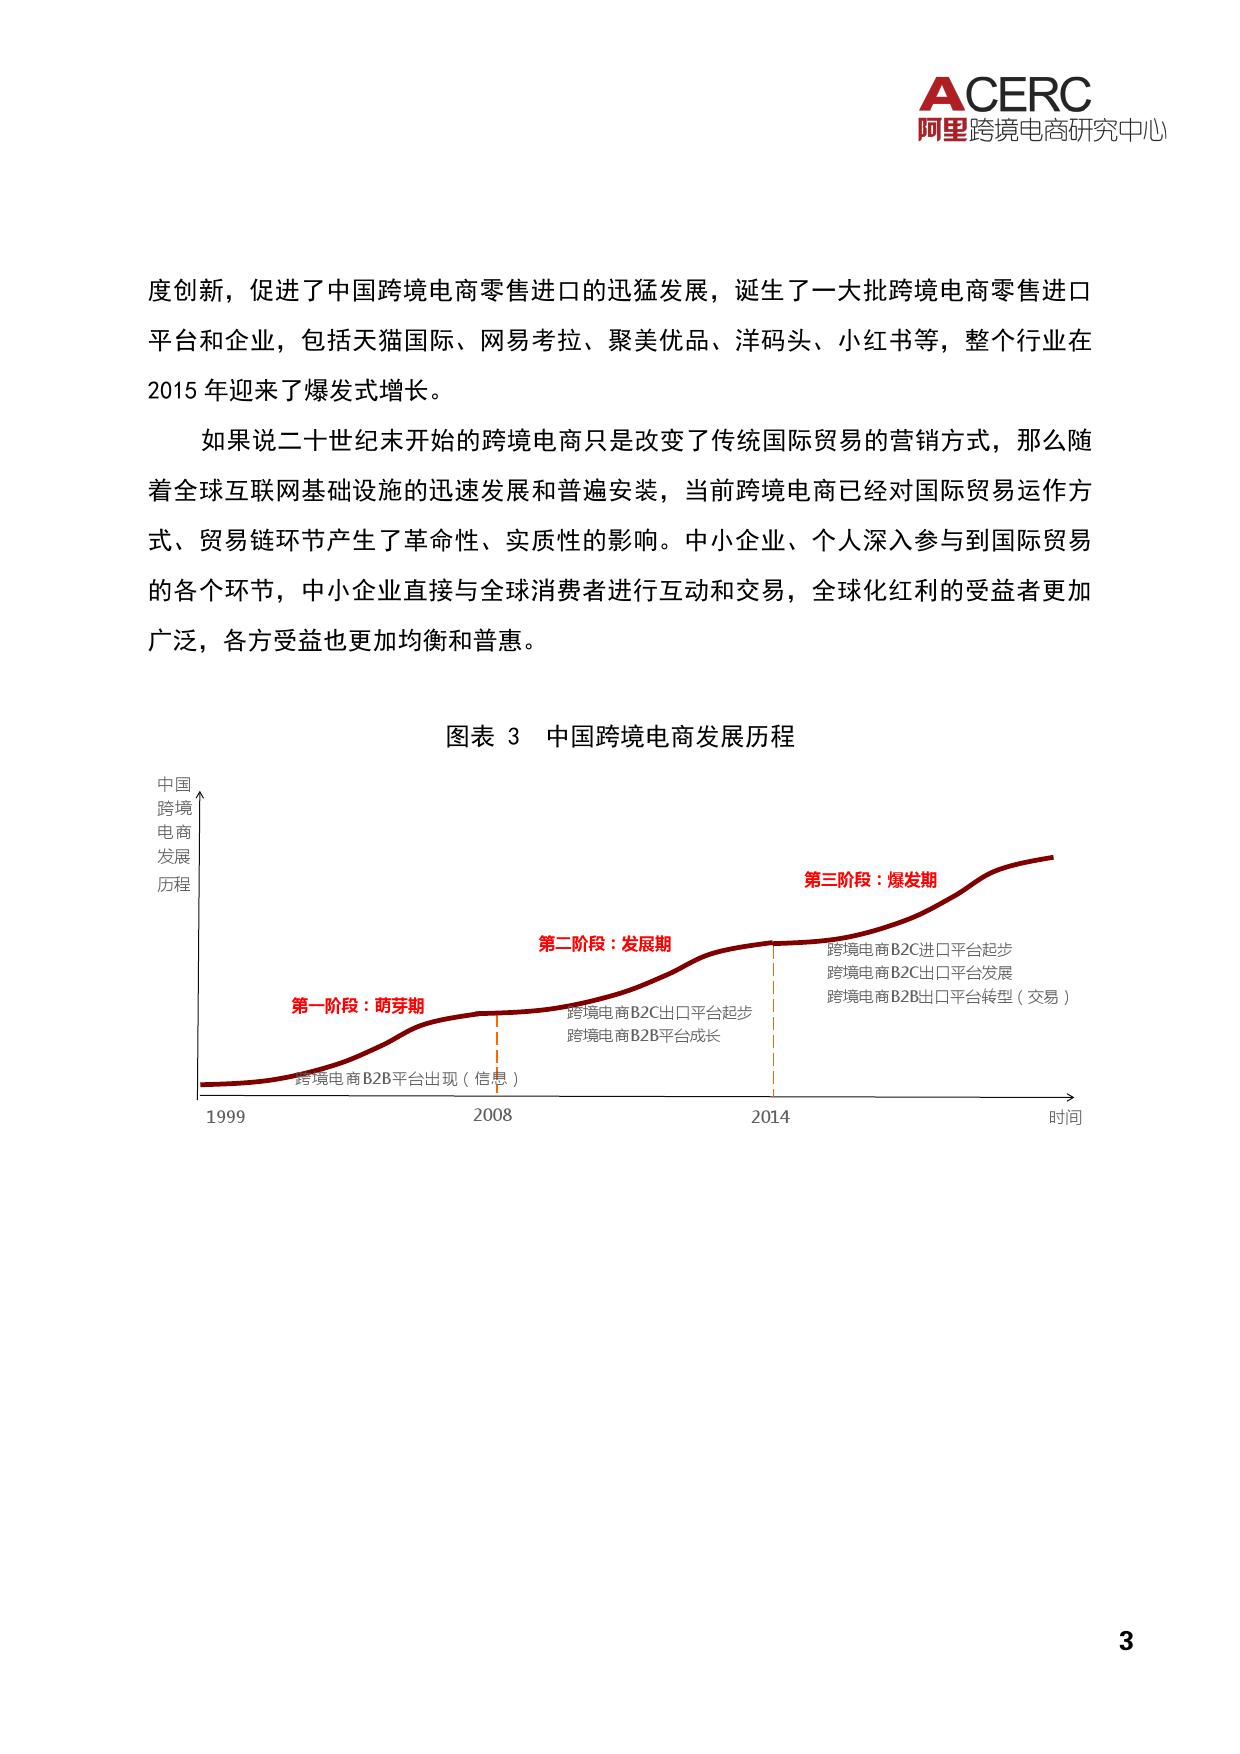 2016中国跨境电商发展报告_000007